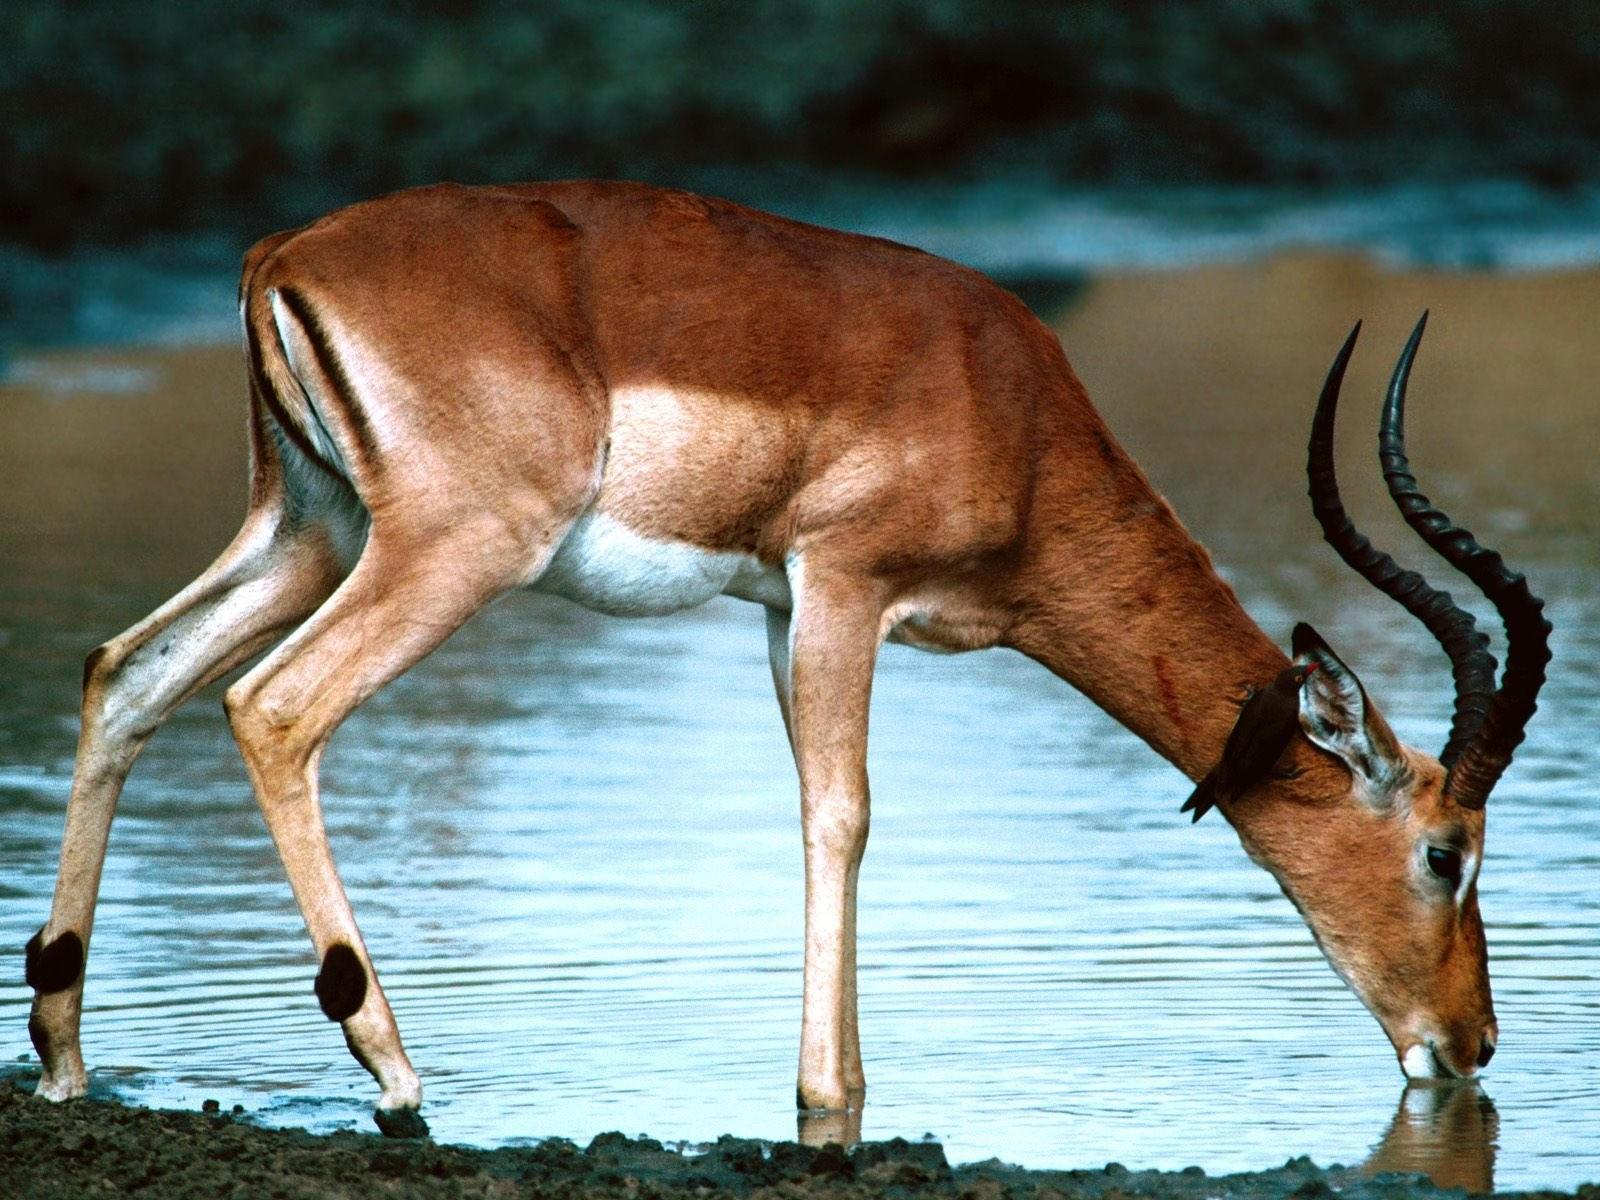 Антилопа пьет воду